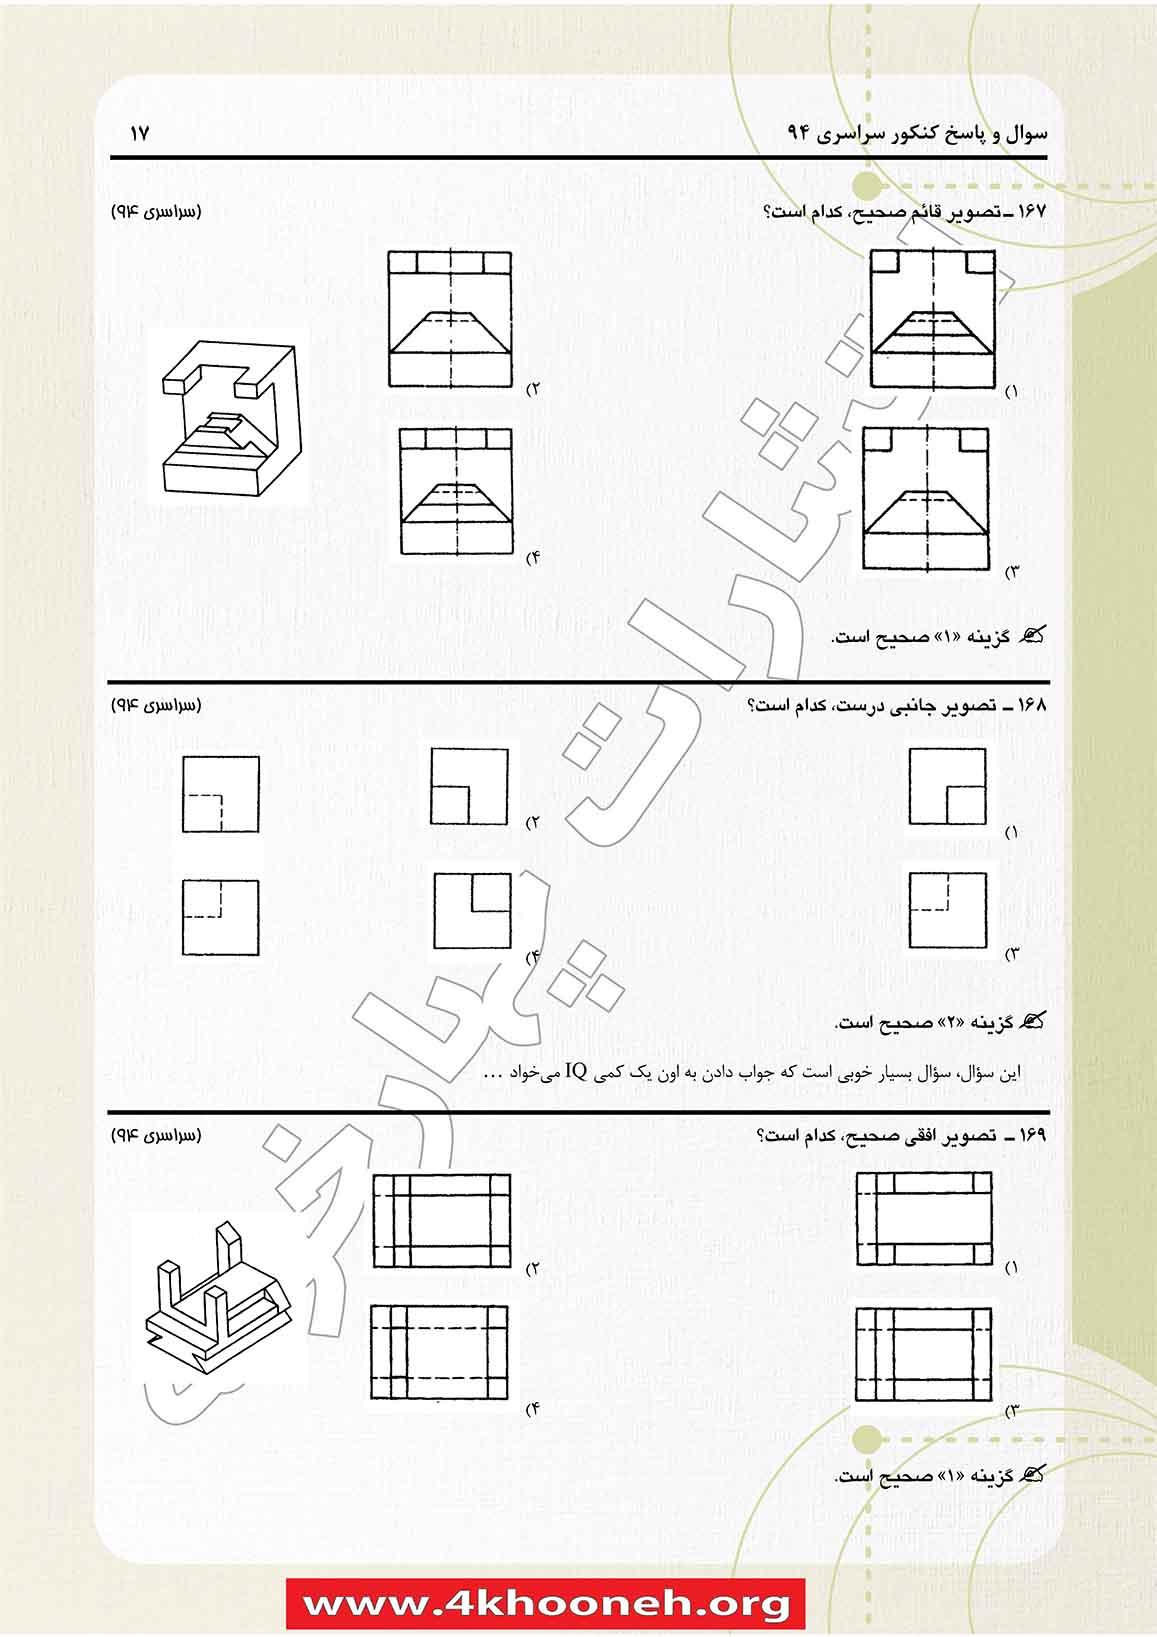 سوالات و پاسخنامه کنکور فنی معماری 94